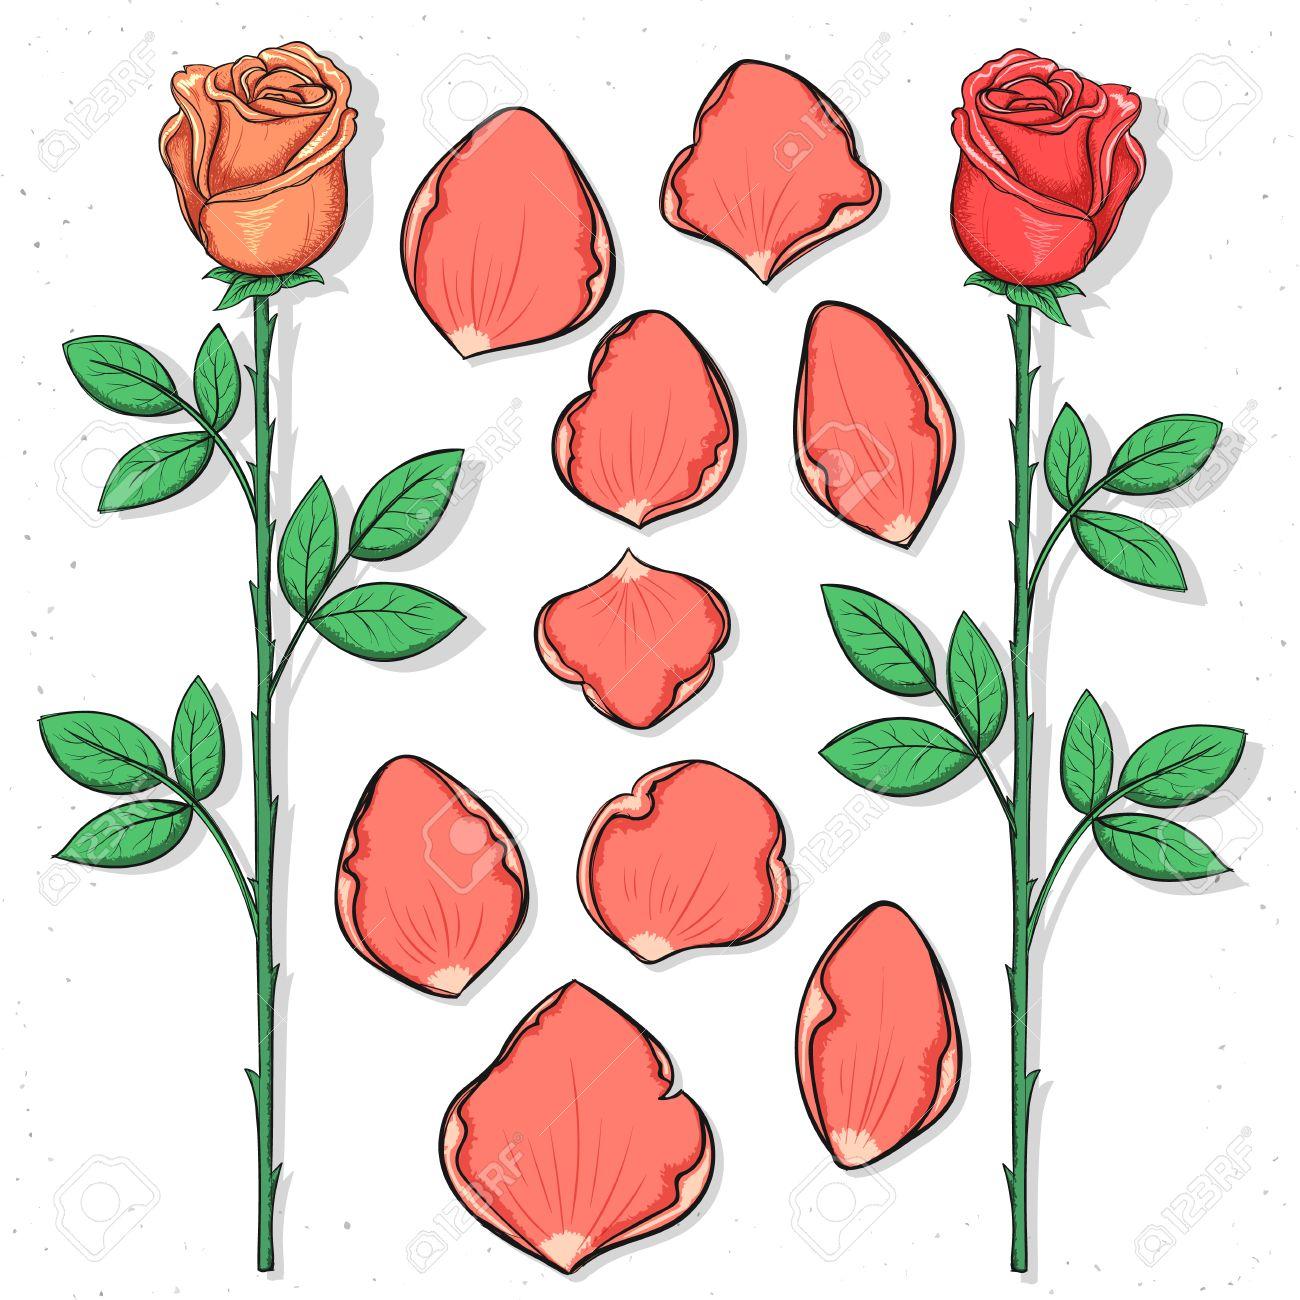 rosa y ptalos aislados hechos a mano en el estilo de dibujo bosquejo de la flor ptalos de rosas para las tarjetas de diseo y carteles